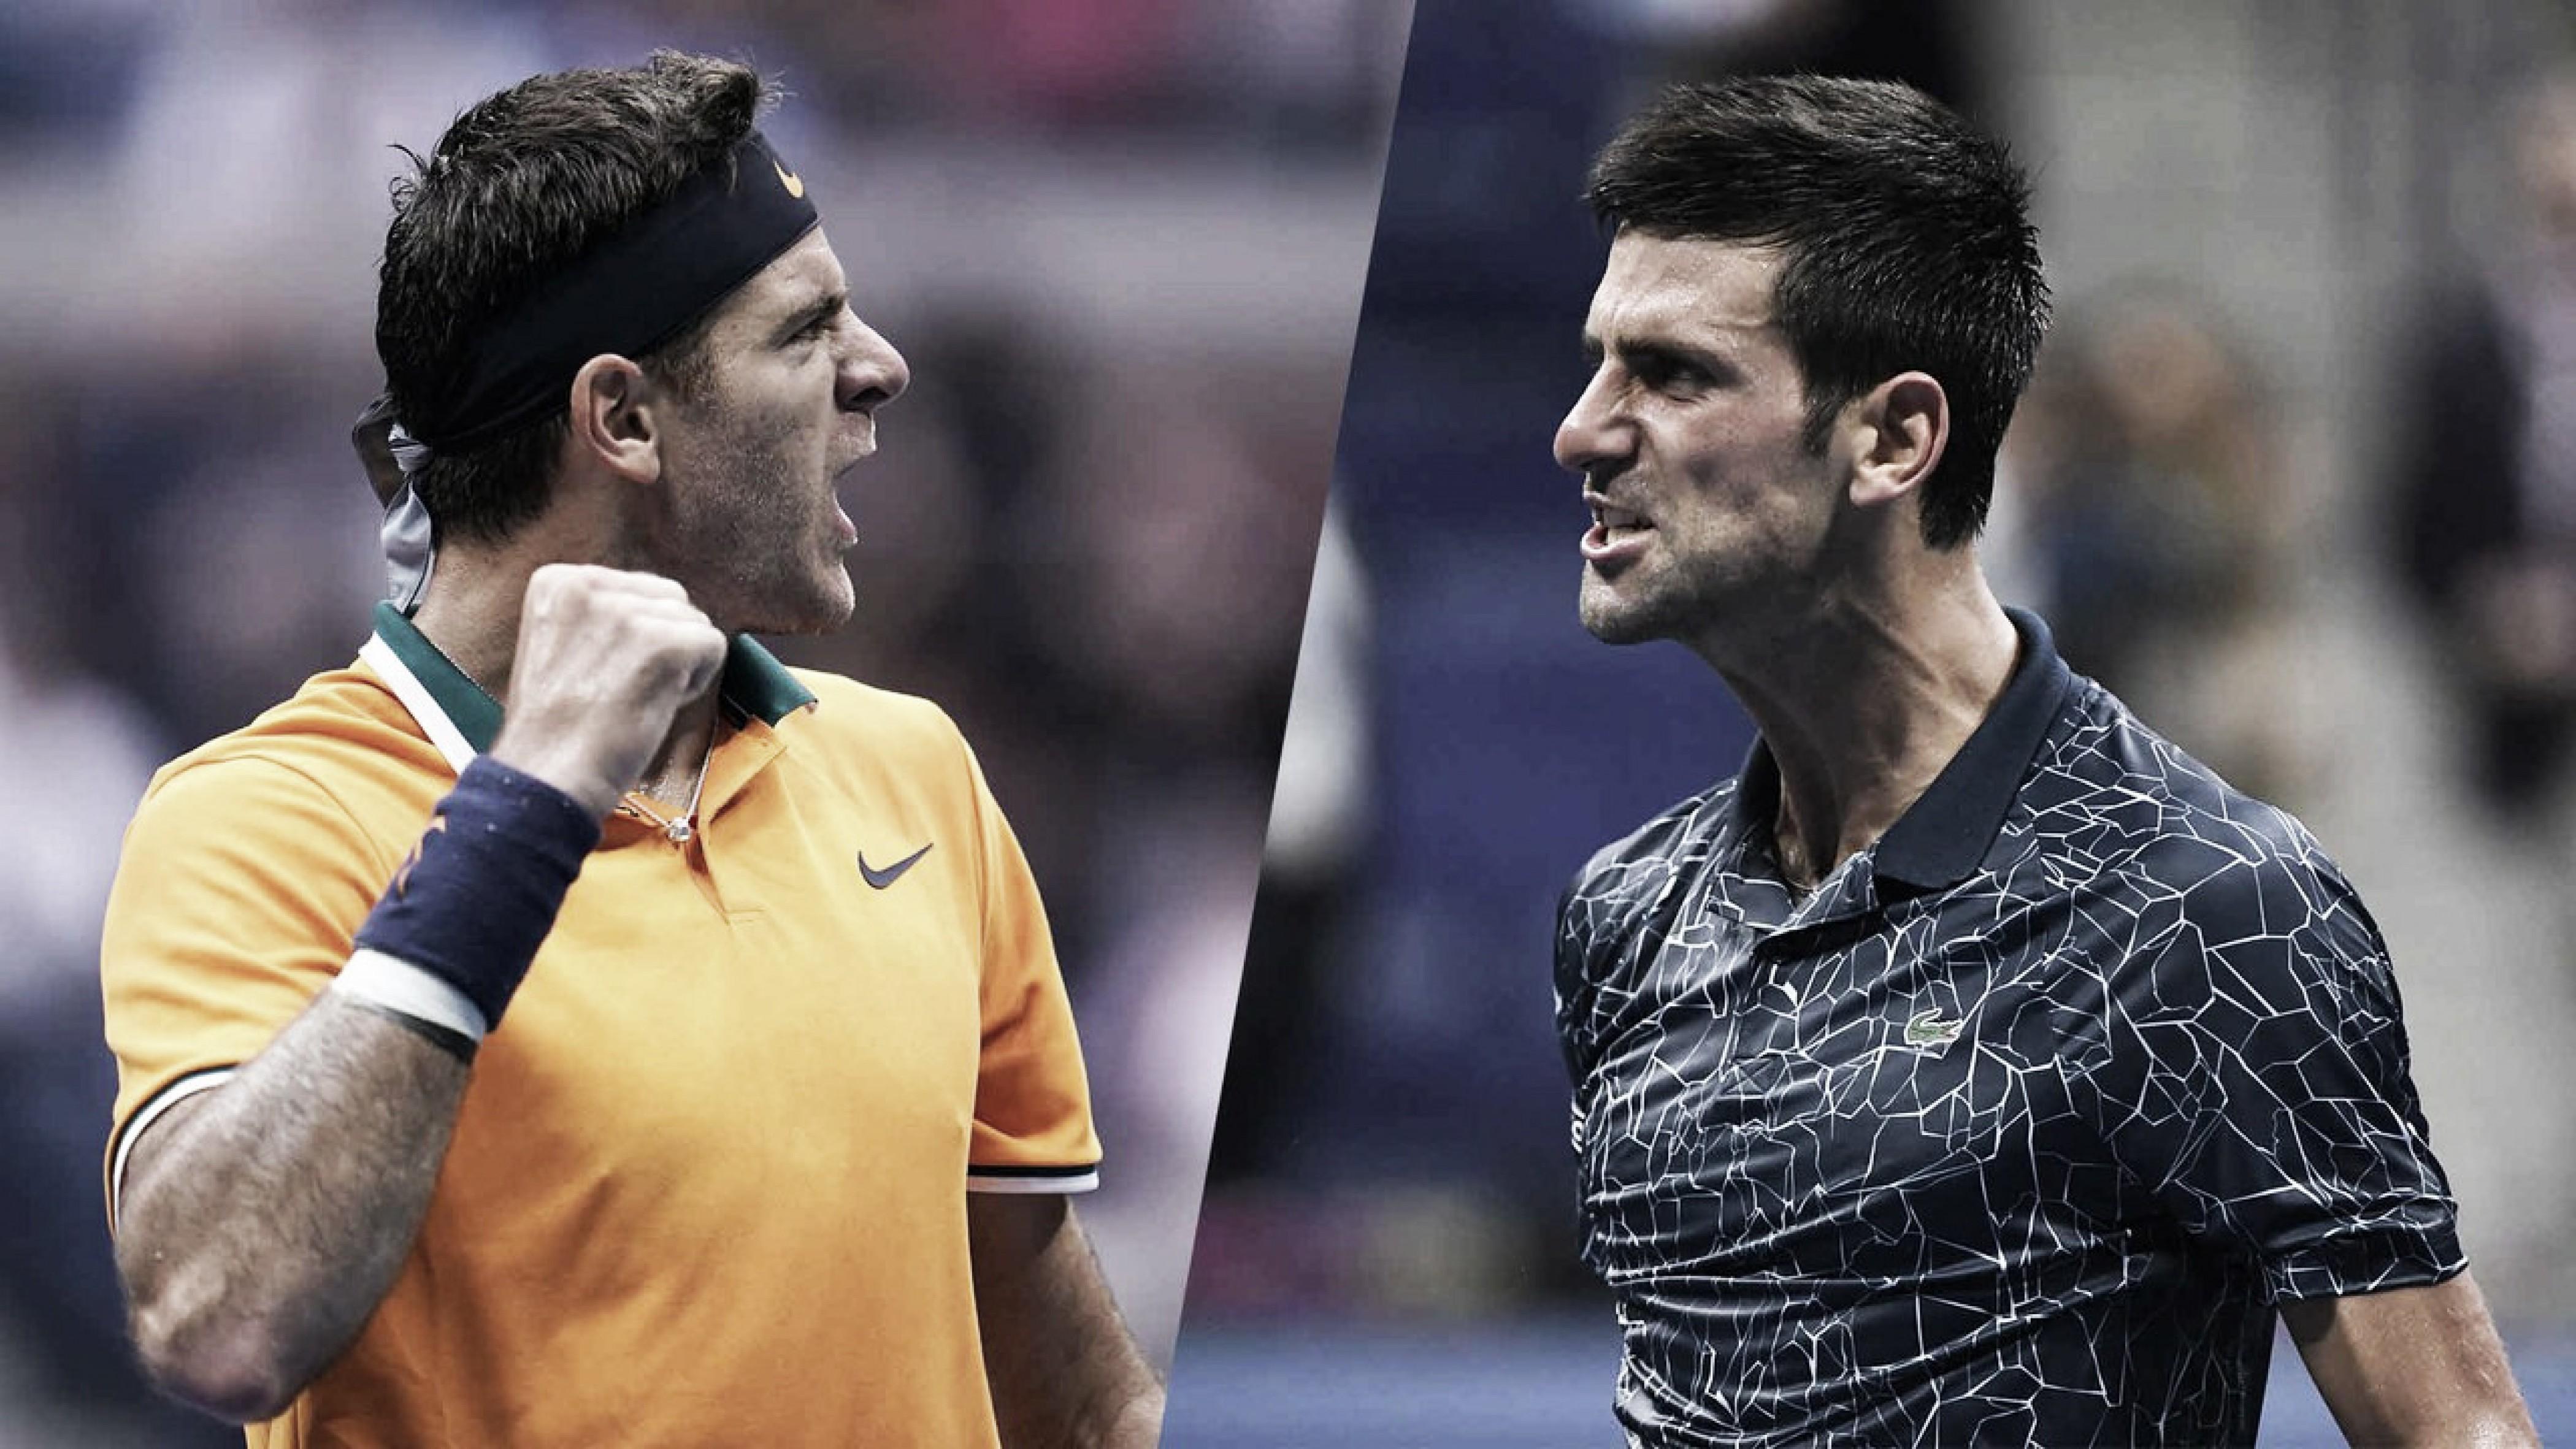 Del Potro e Djokovic fazem decisão de alto nível no US Open